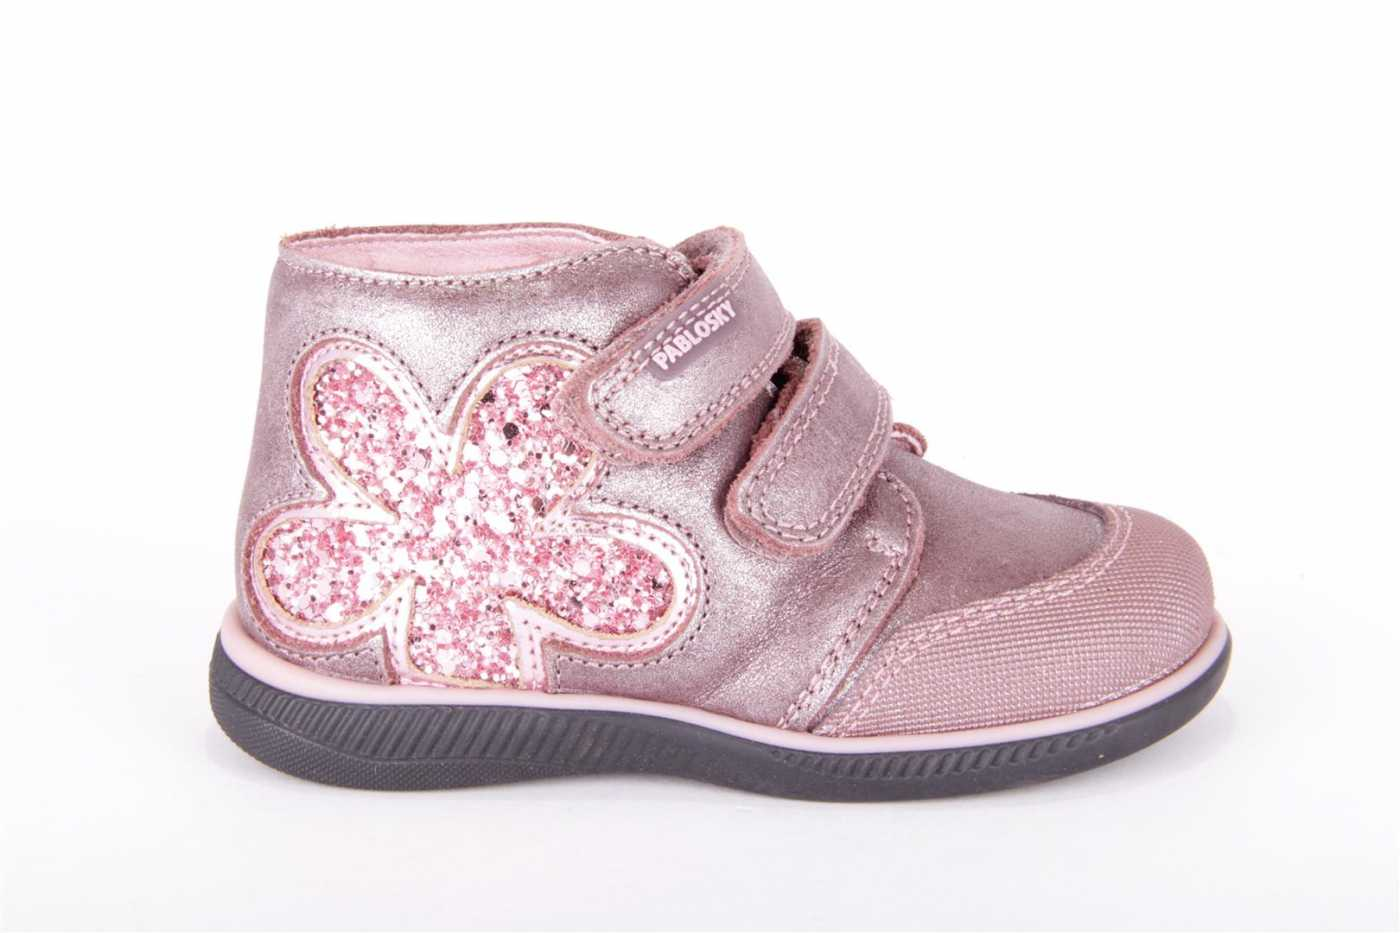 7c39f23367e Piel Zapato Rosa Color Estilo Joven Tipo Comprar Bota Botas Niña SnHq7a8a